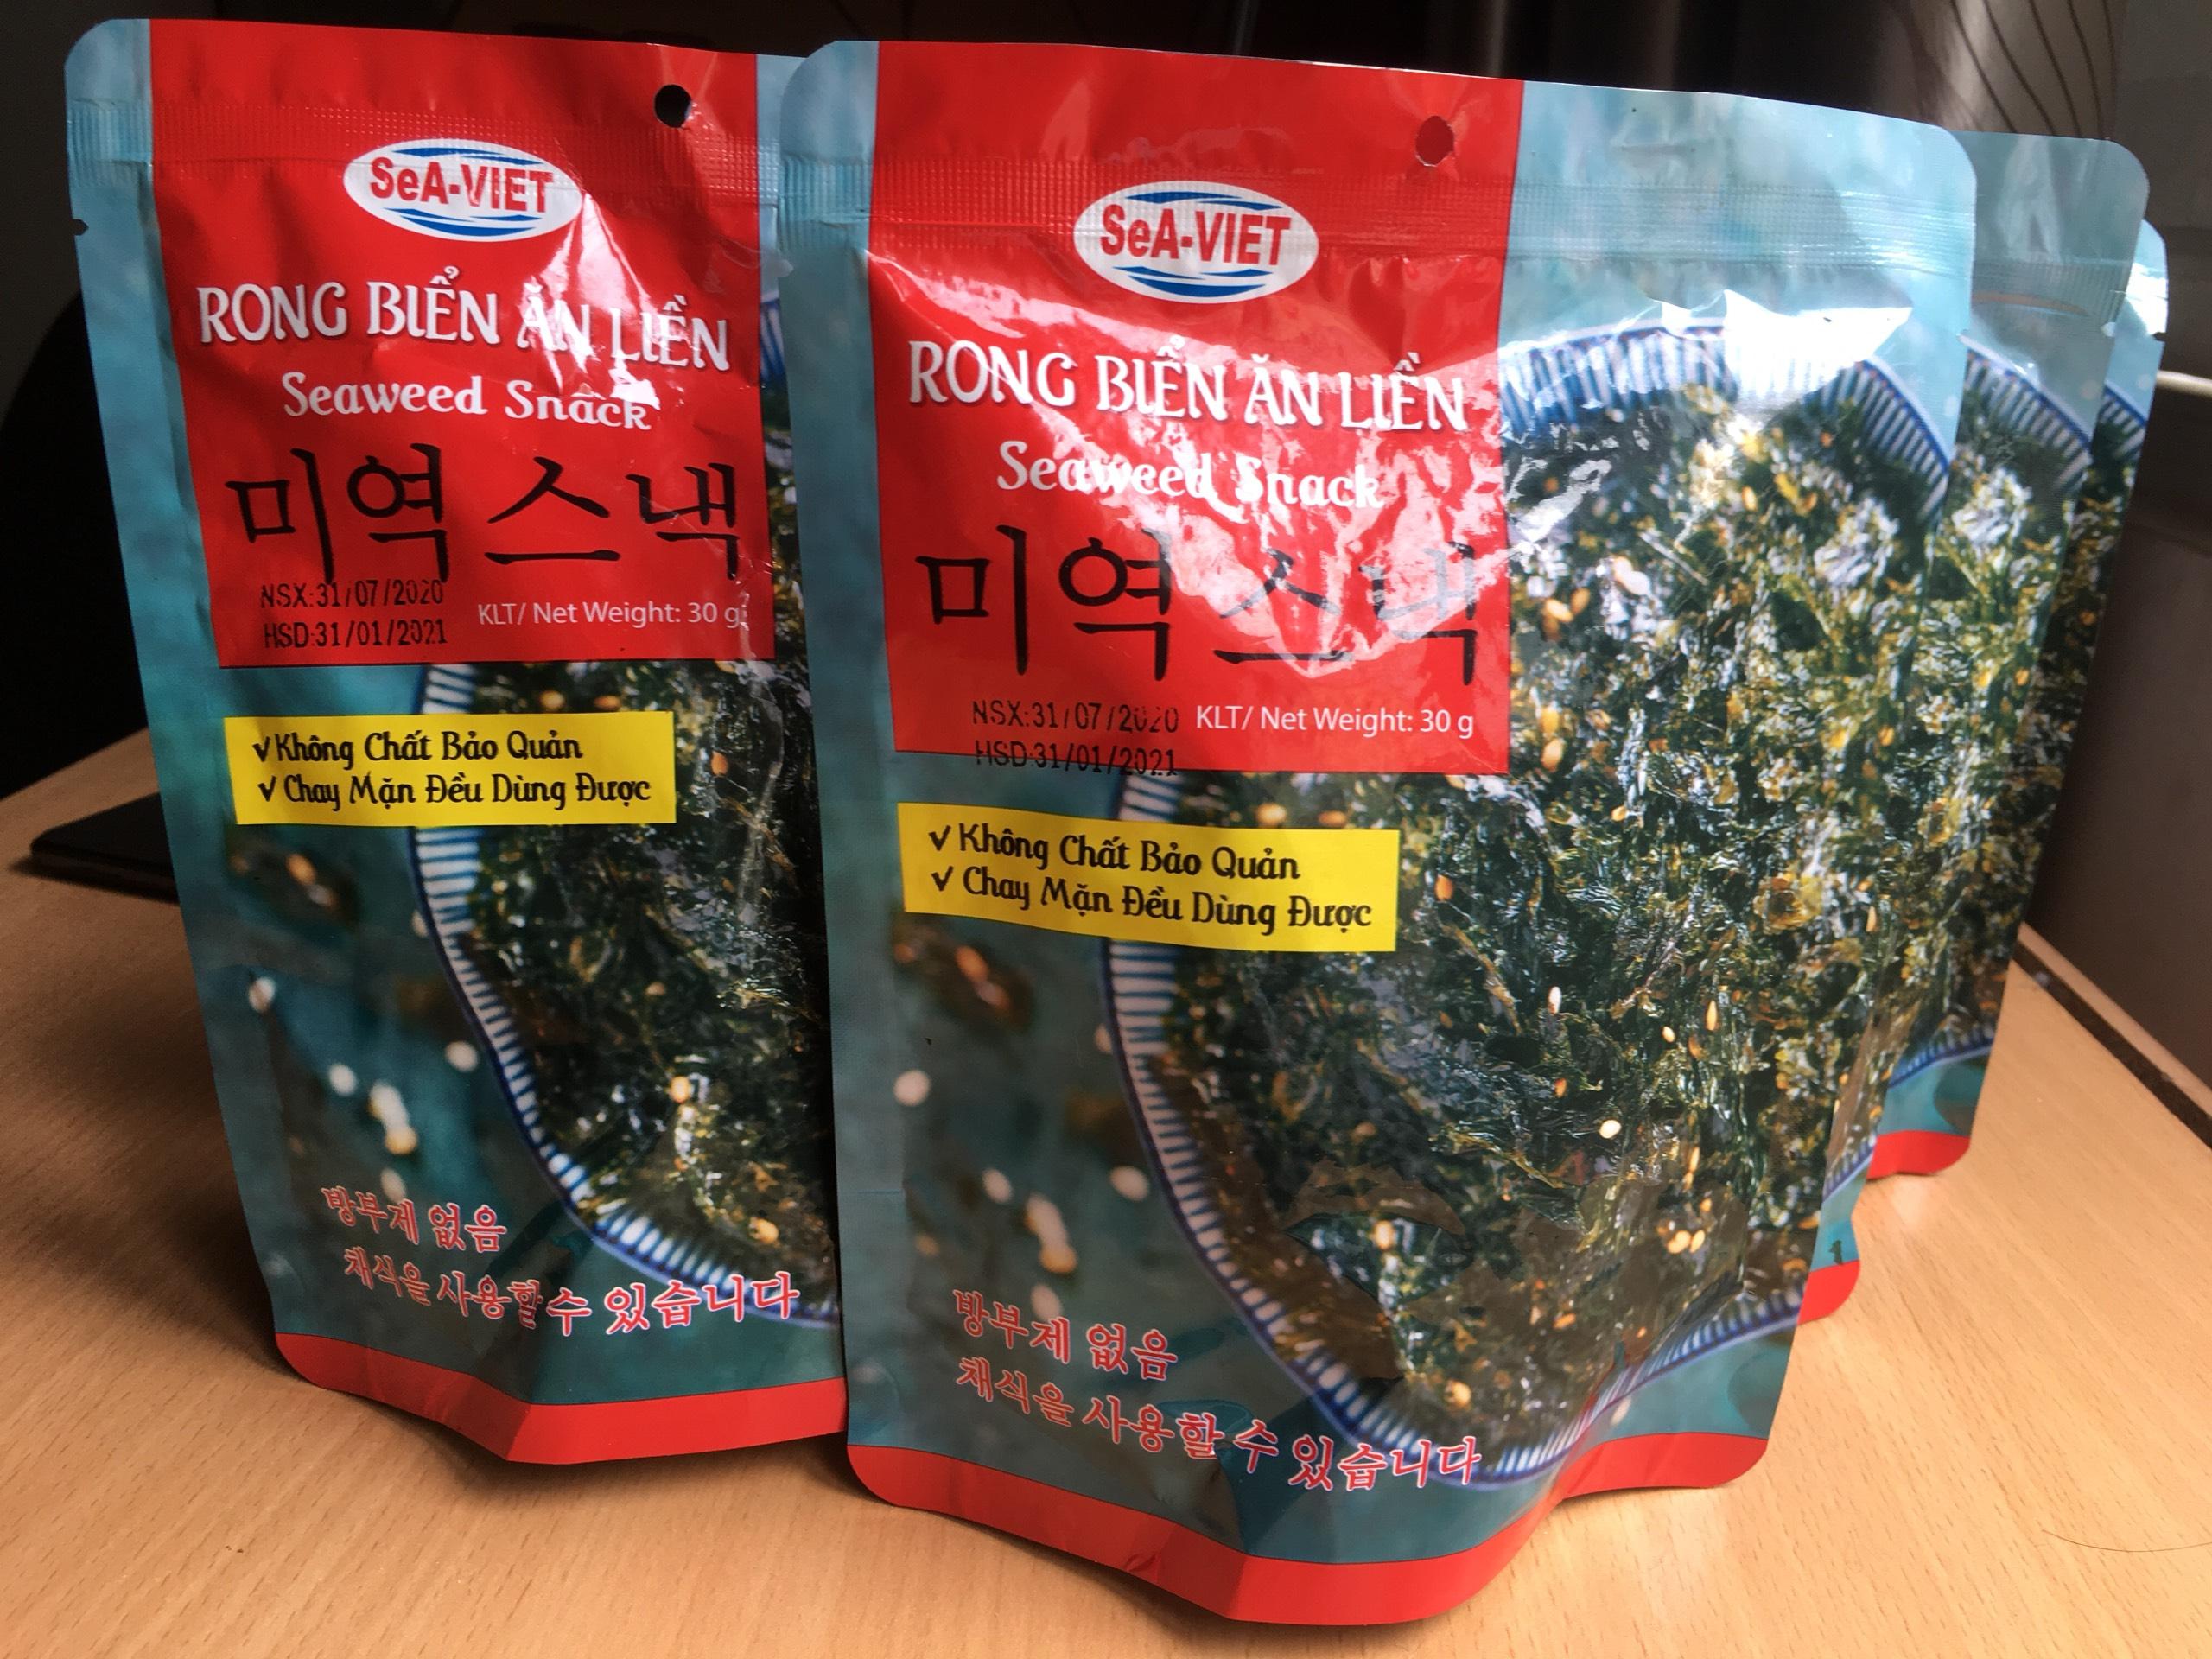 Rong biển cháy tỏi ăn liền - Đặc sản Nha Trang